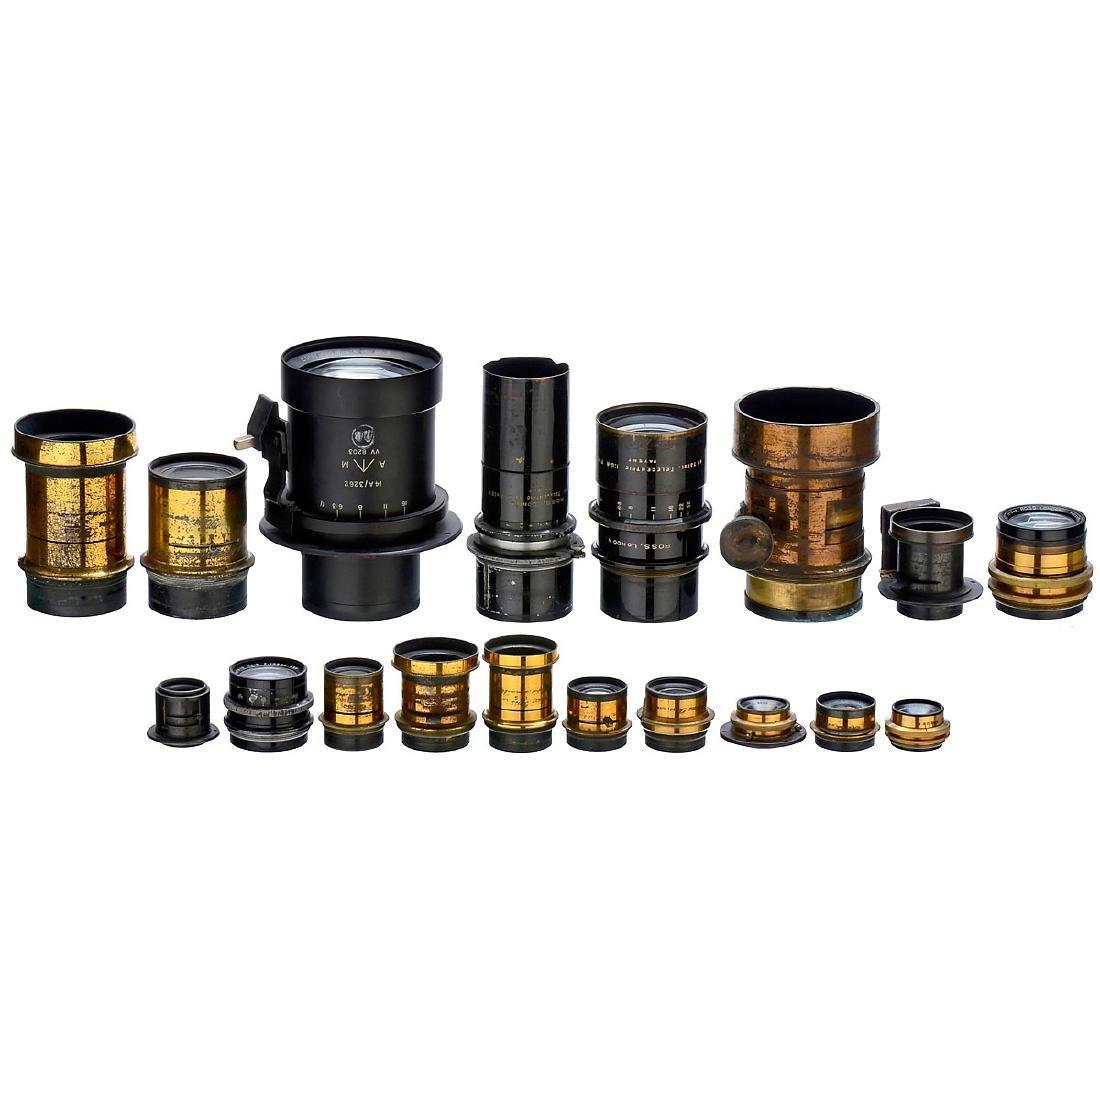 18 Lenses by Ross, London, 1875–1920